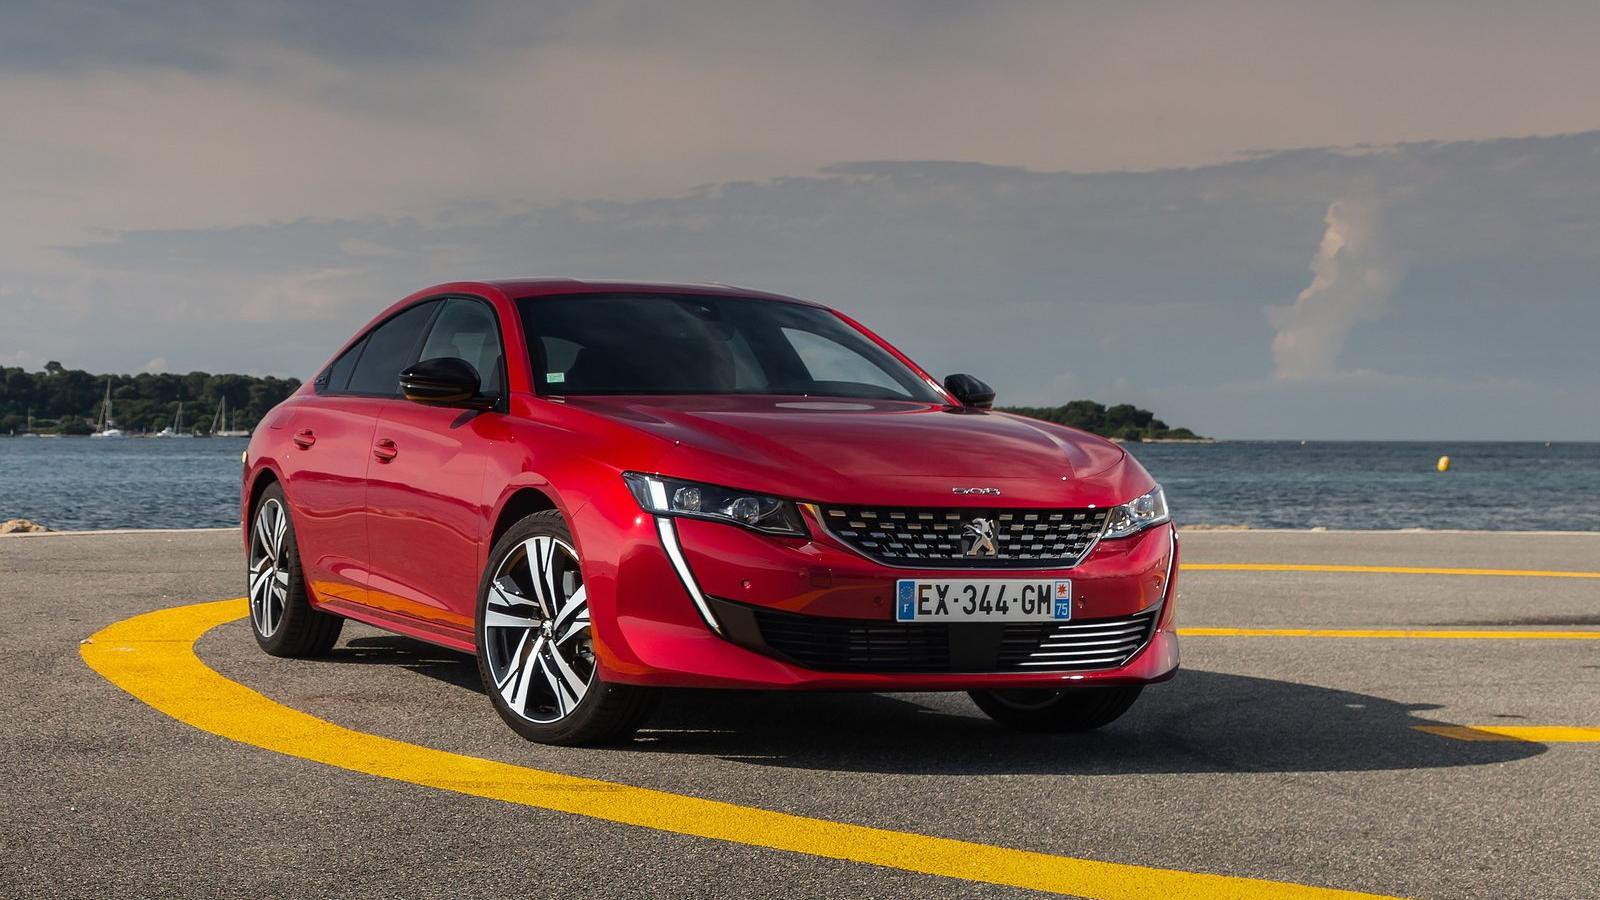 Το Peugeot 508 σε κόκκινο χρώμα